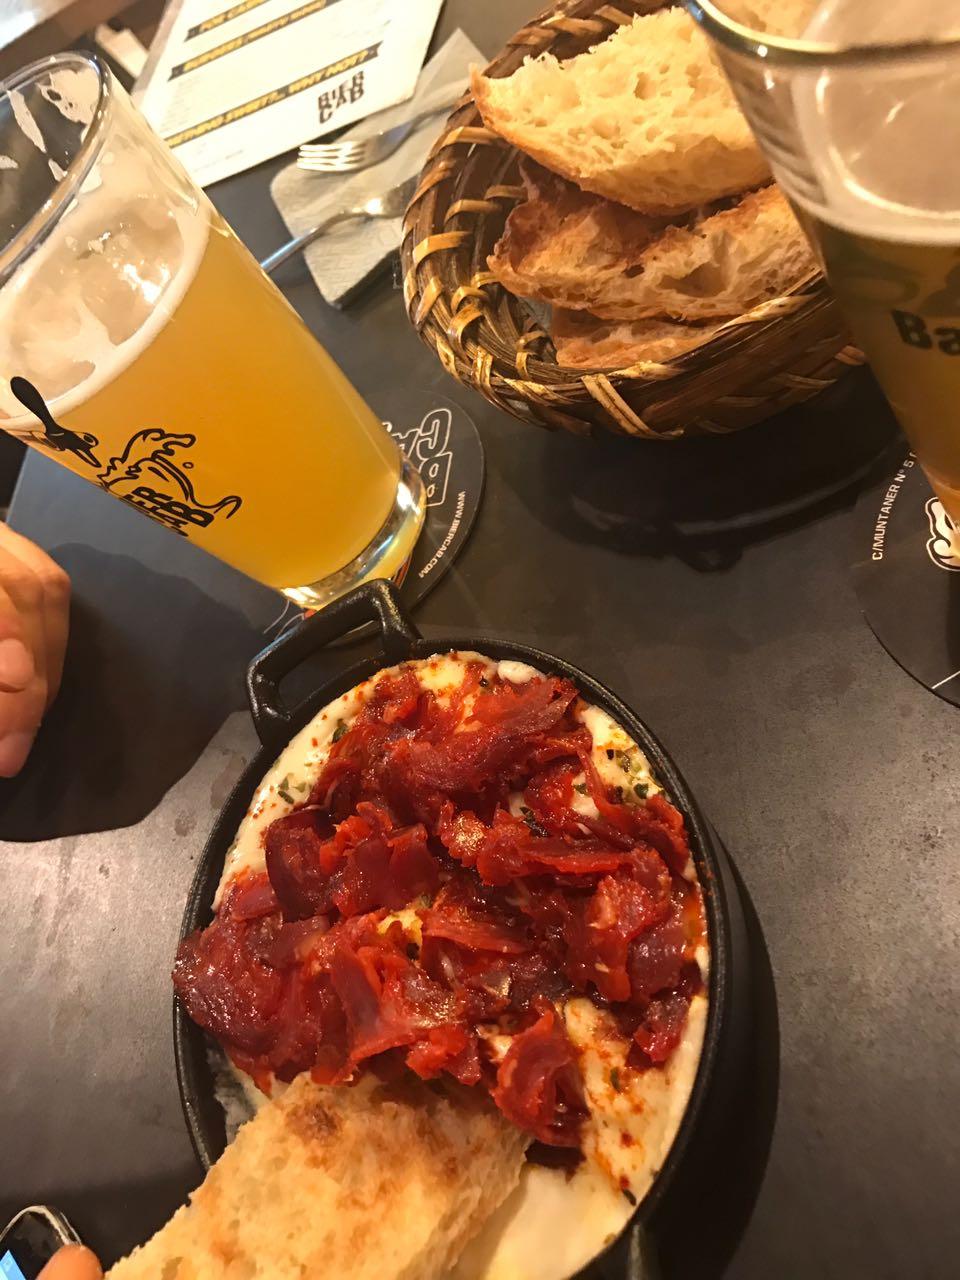 BierCab Provolone diye geçen, Güney İtalya'dan pasta filata tipi italyan peyniri üzerinde ince dilimli chorizo! Burada yediğim en efsane şey, tavsiye ederim